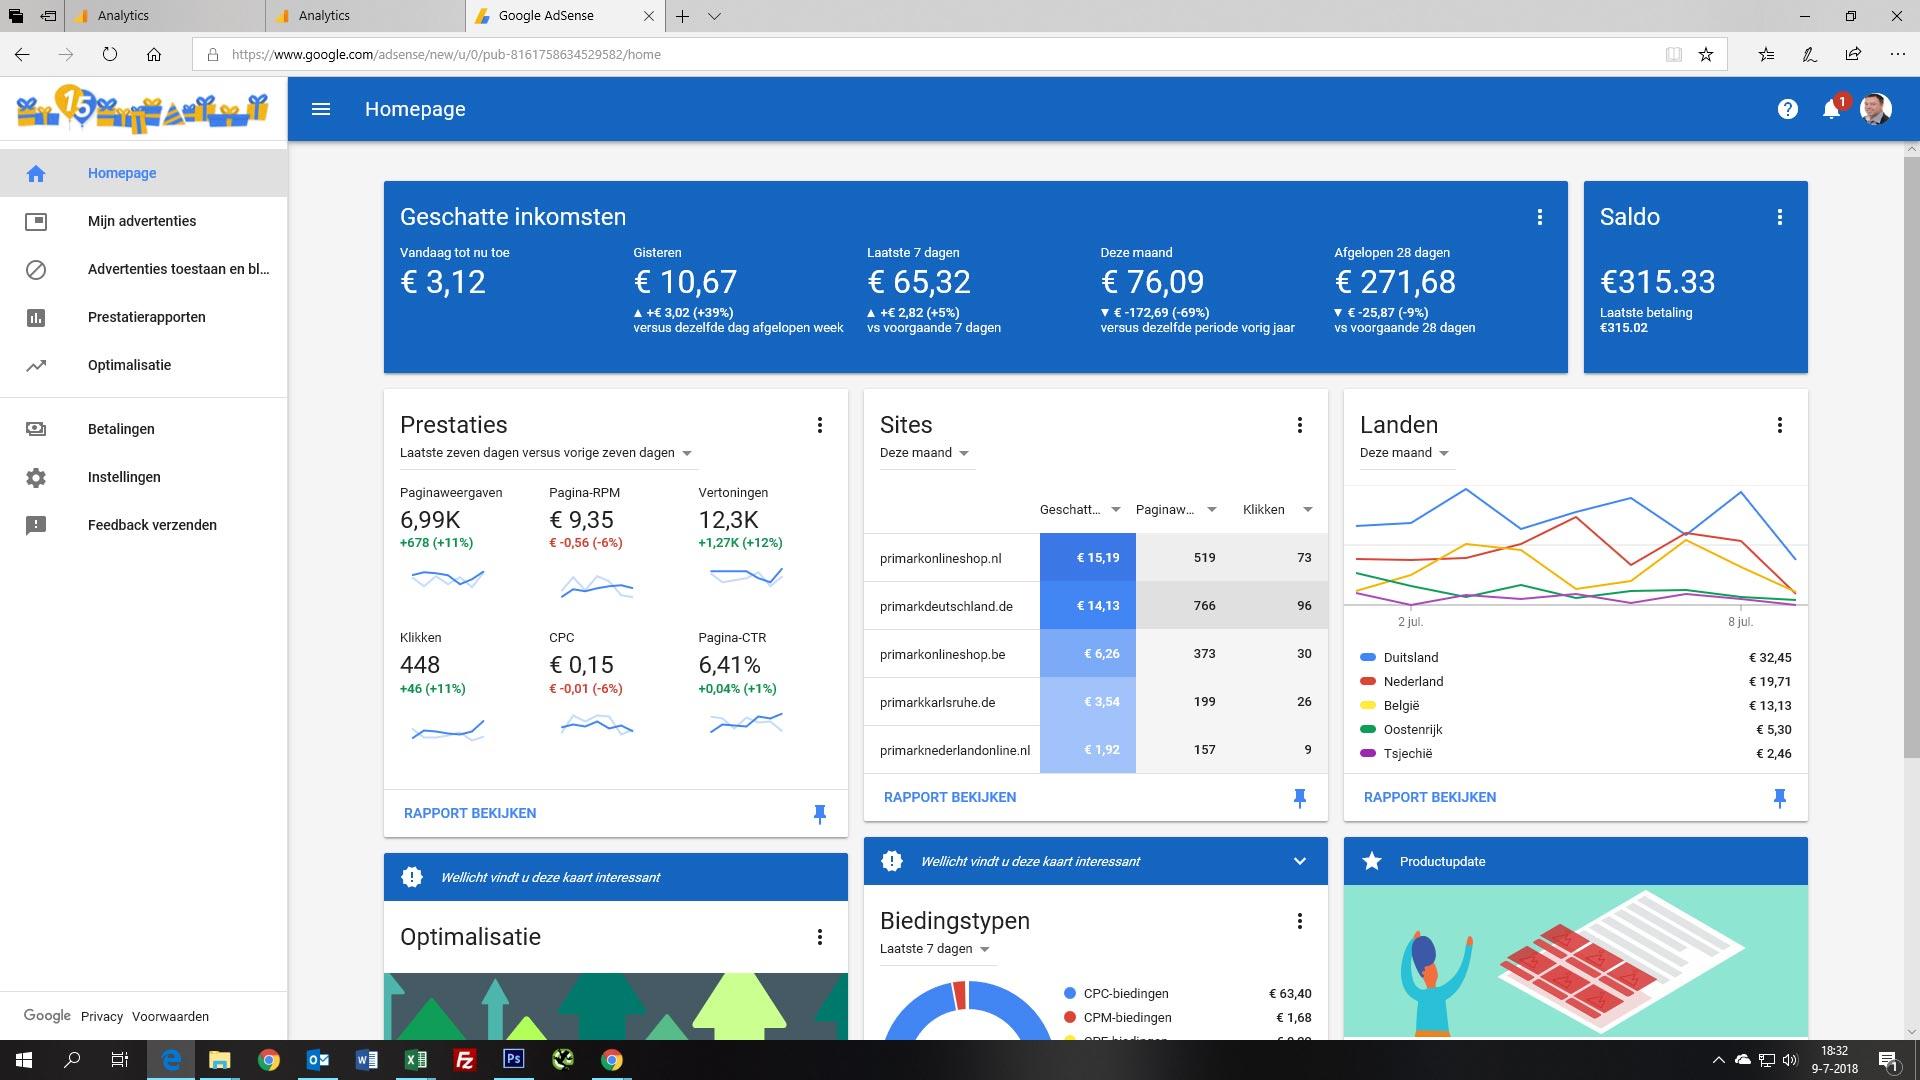 GROOT MODE GERELATEERD website netwerk te koop (ACTIEF IN: NL/DE/AT)-adsence-overzicht-2018-jpg